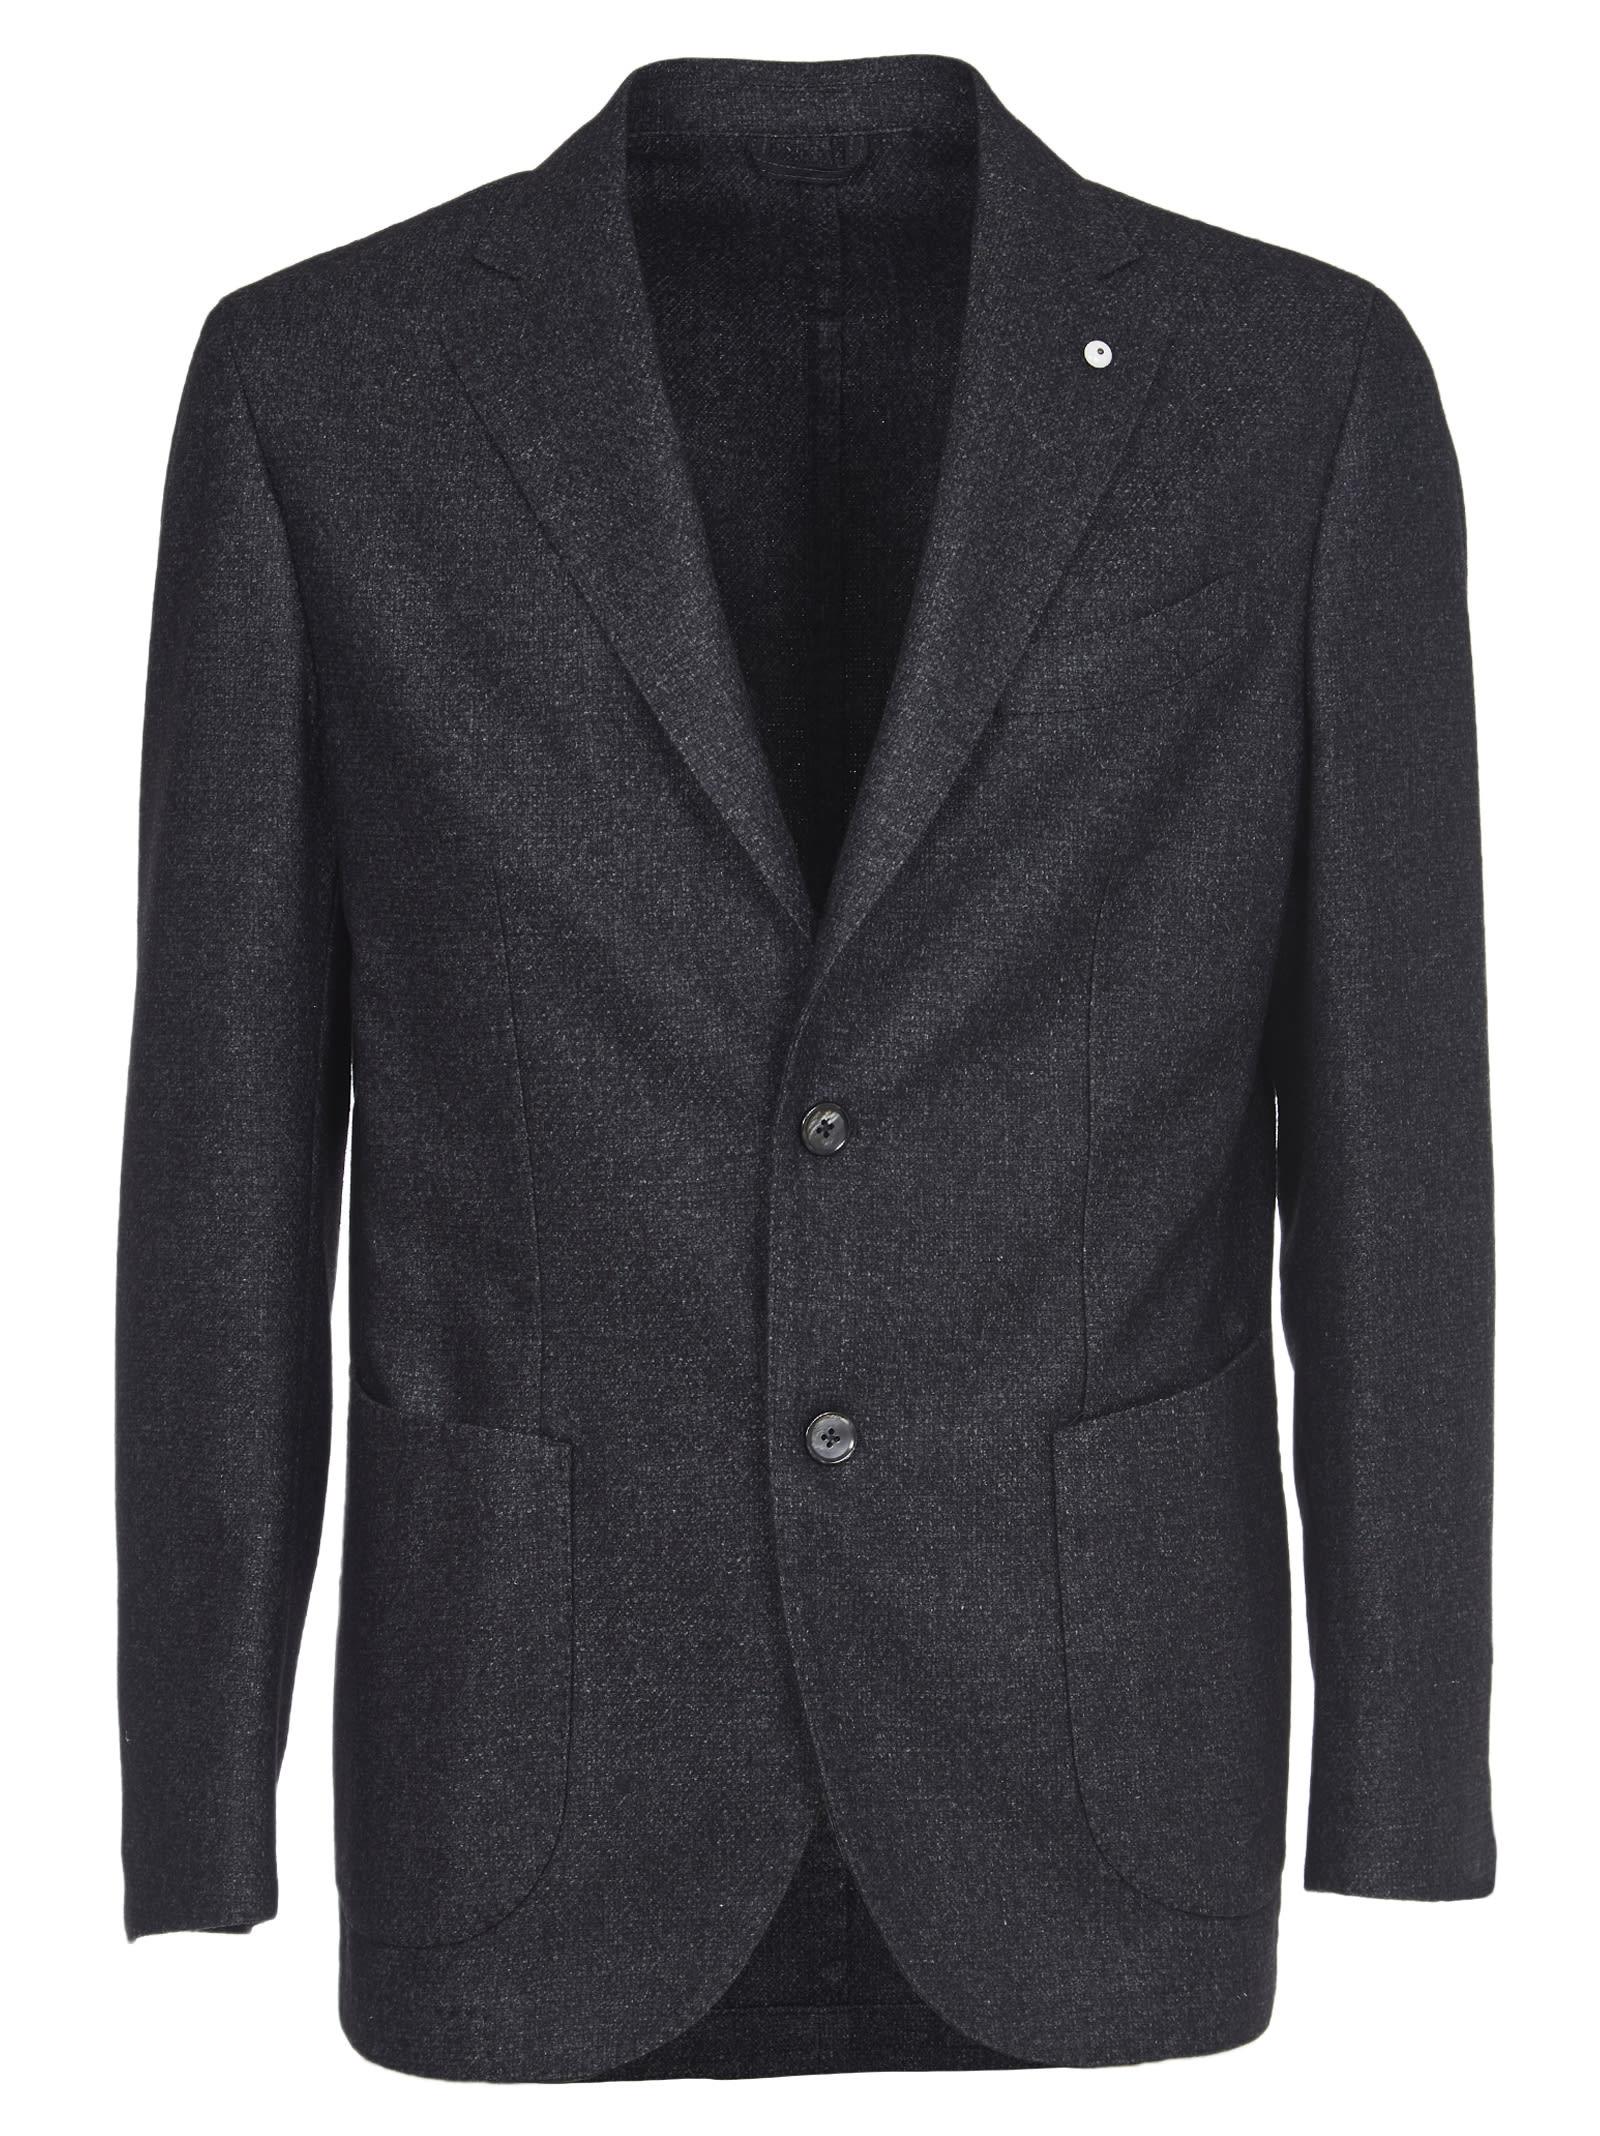 1911 Grey Wool Jacket